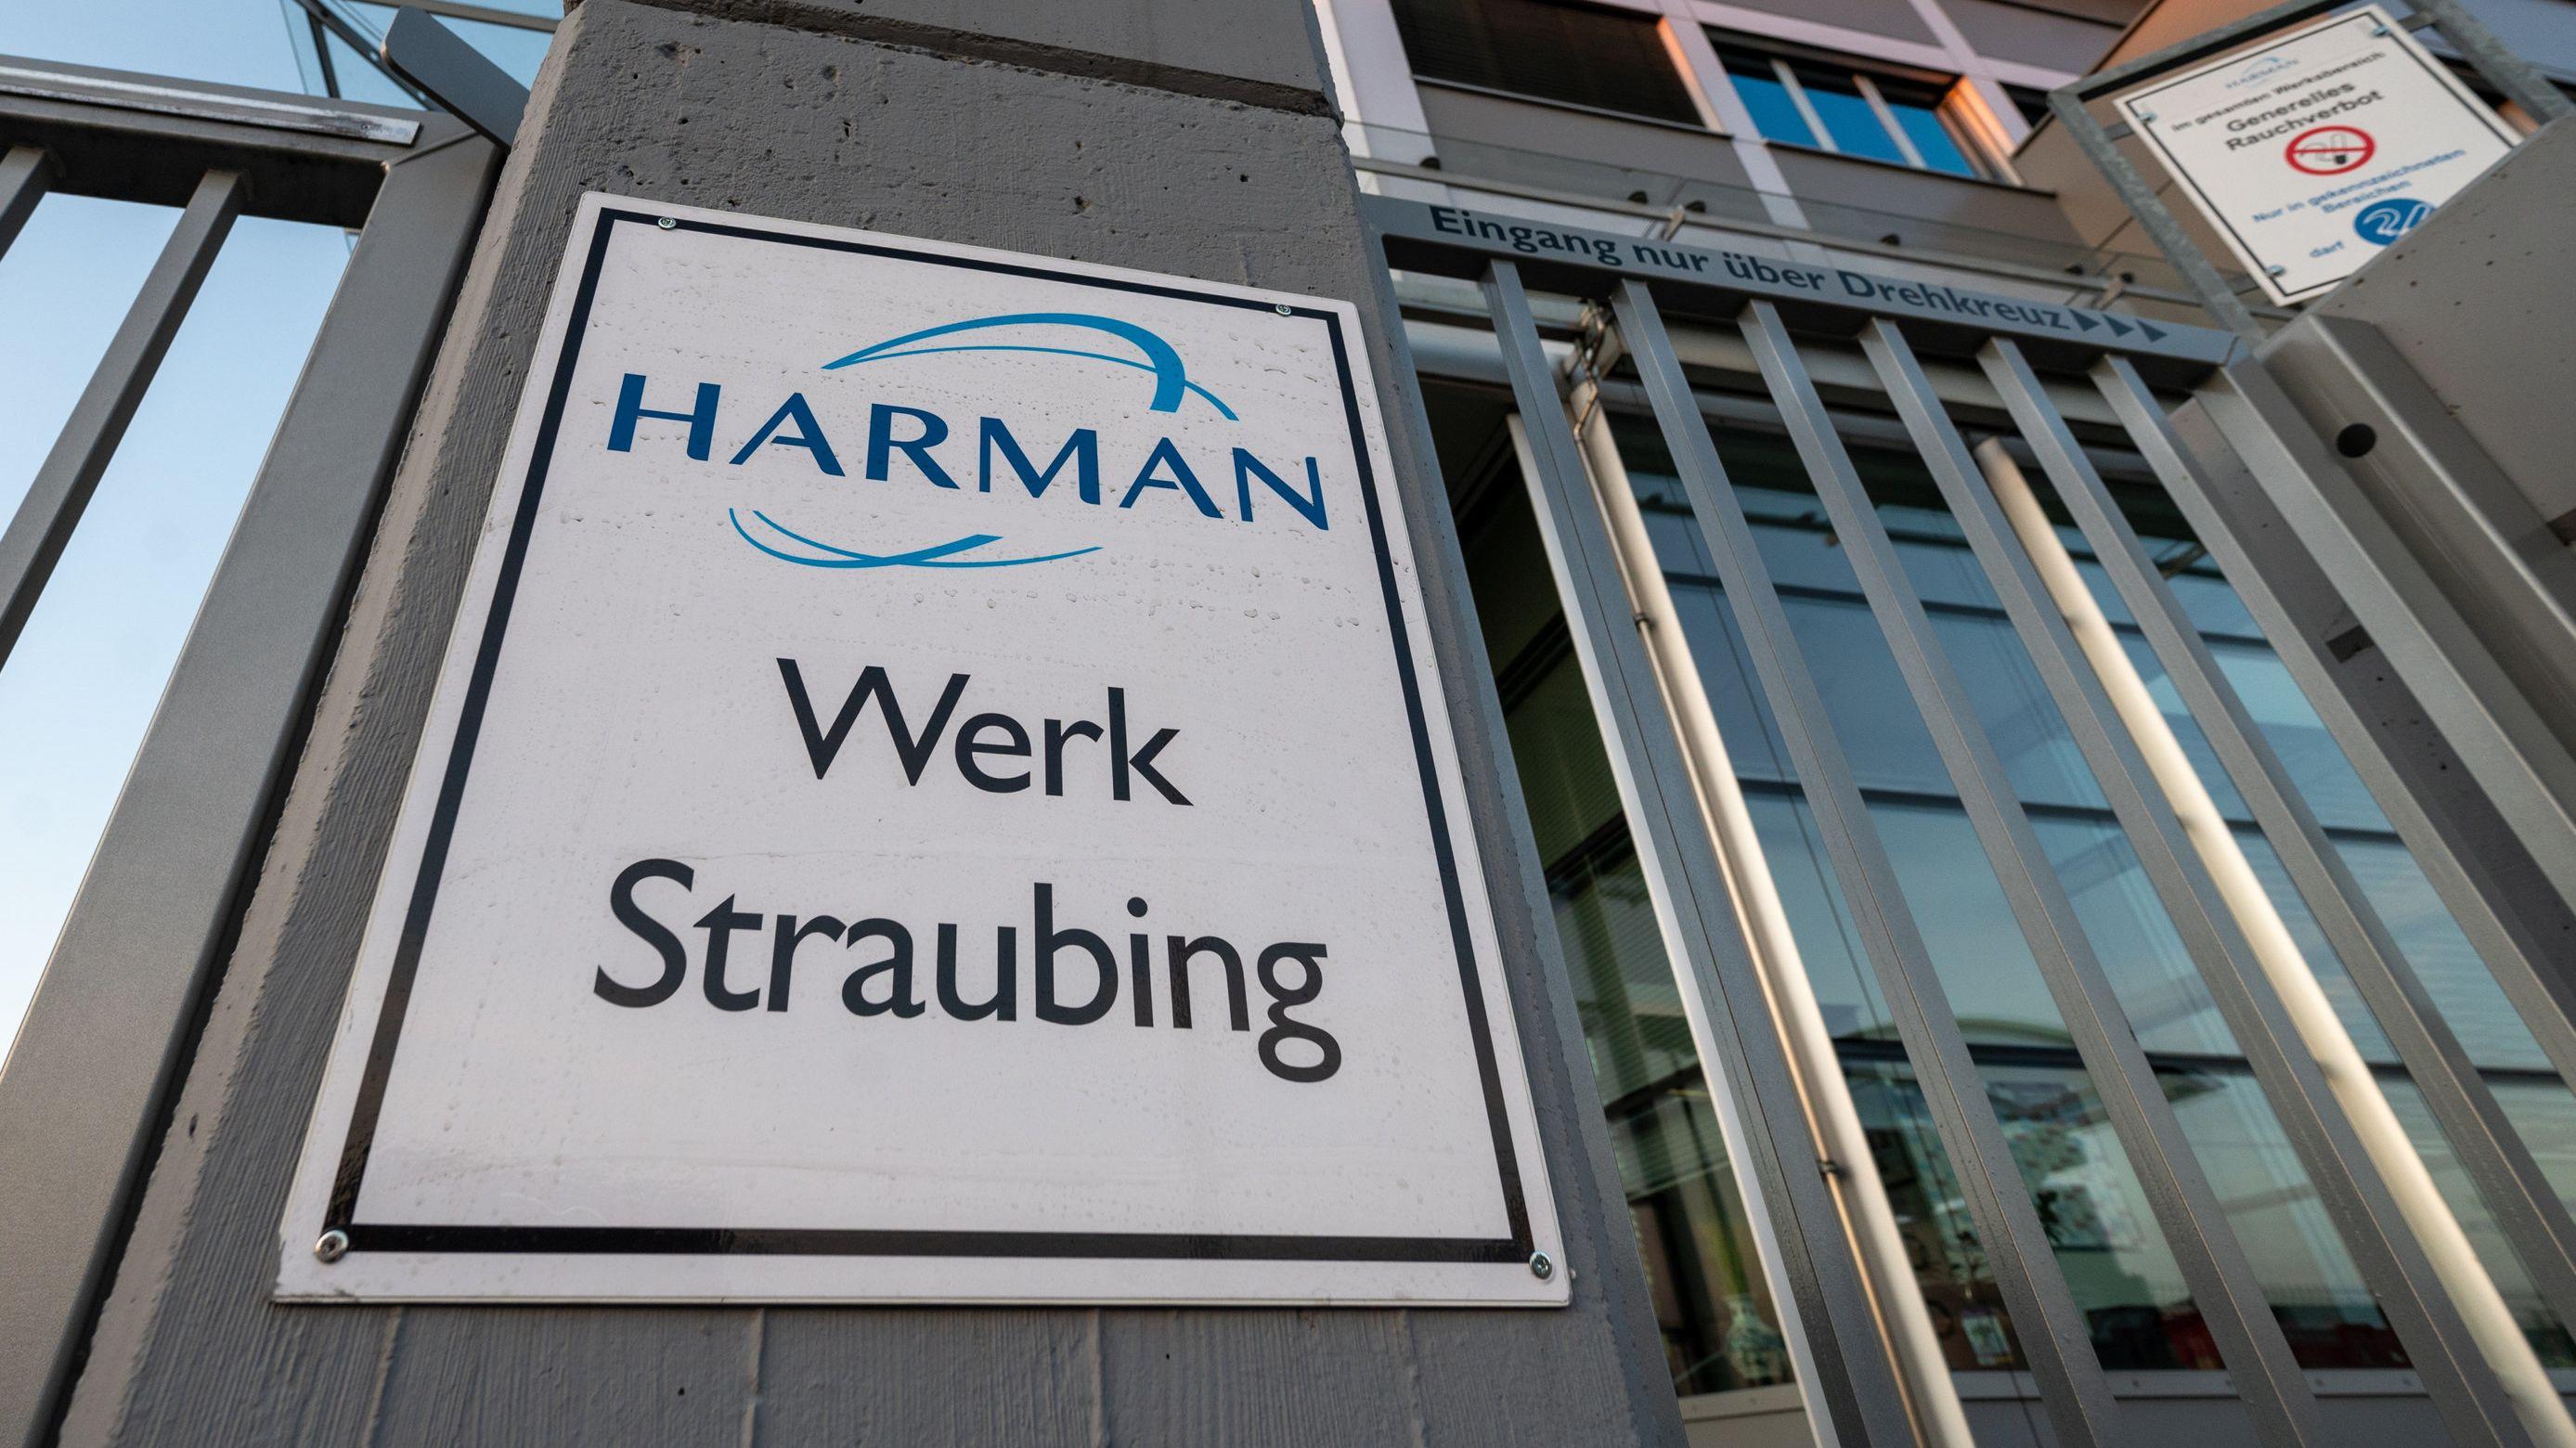 Straubing sichert Mitarbeitern von Harman Unterstützung zu